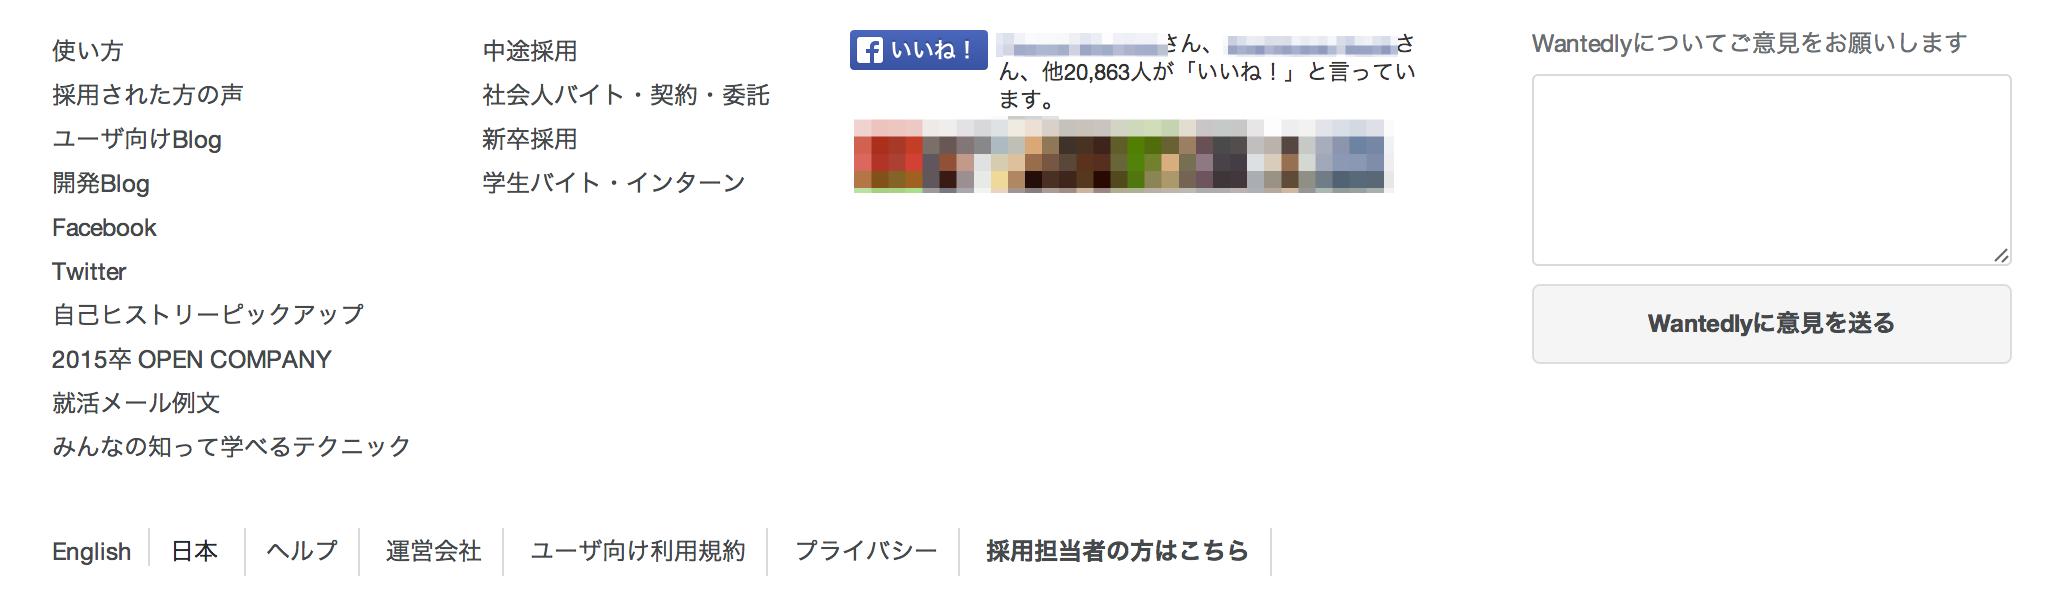 ソーシャル・リクルーティング・Wantedly-4